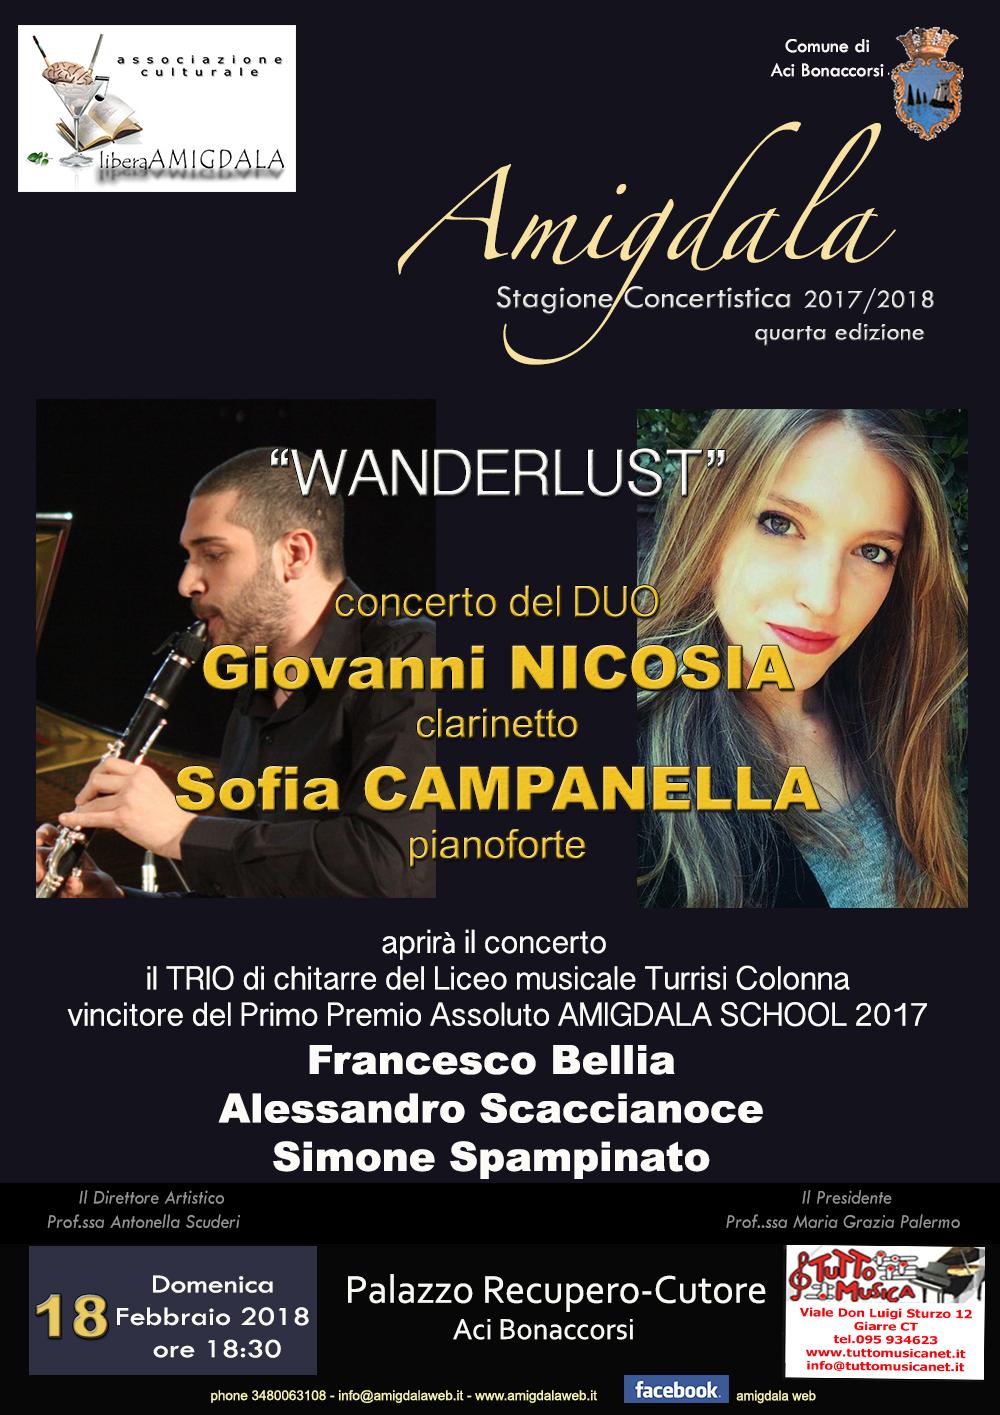 Amigdala: concerto del Duo Nicosia - Campanella (clarinetto-pianoforte)